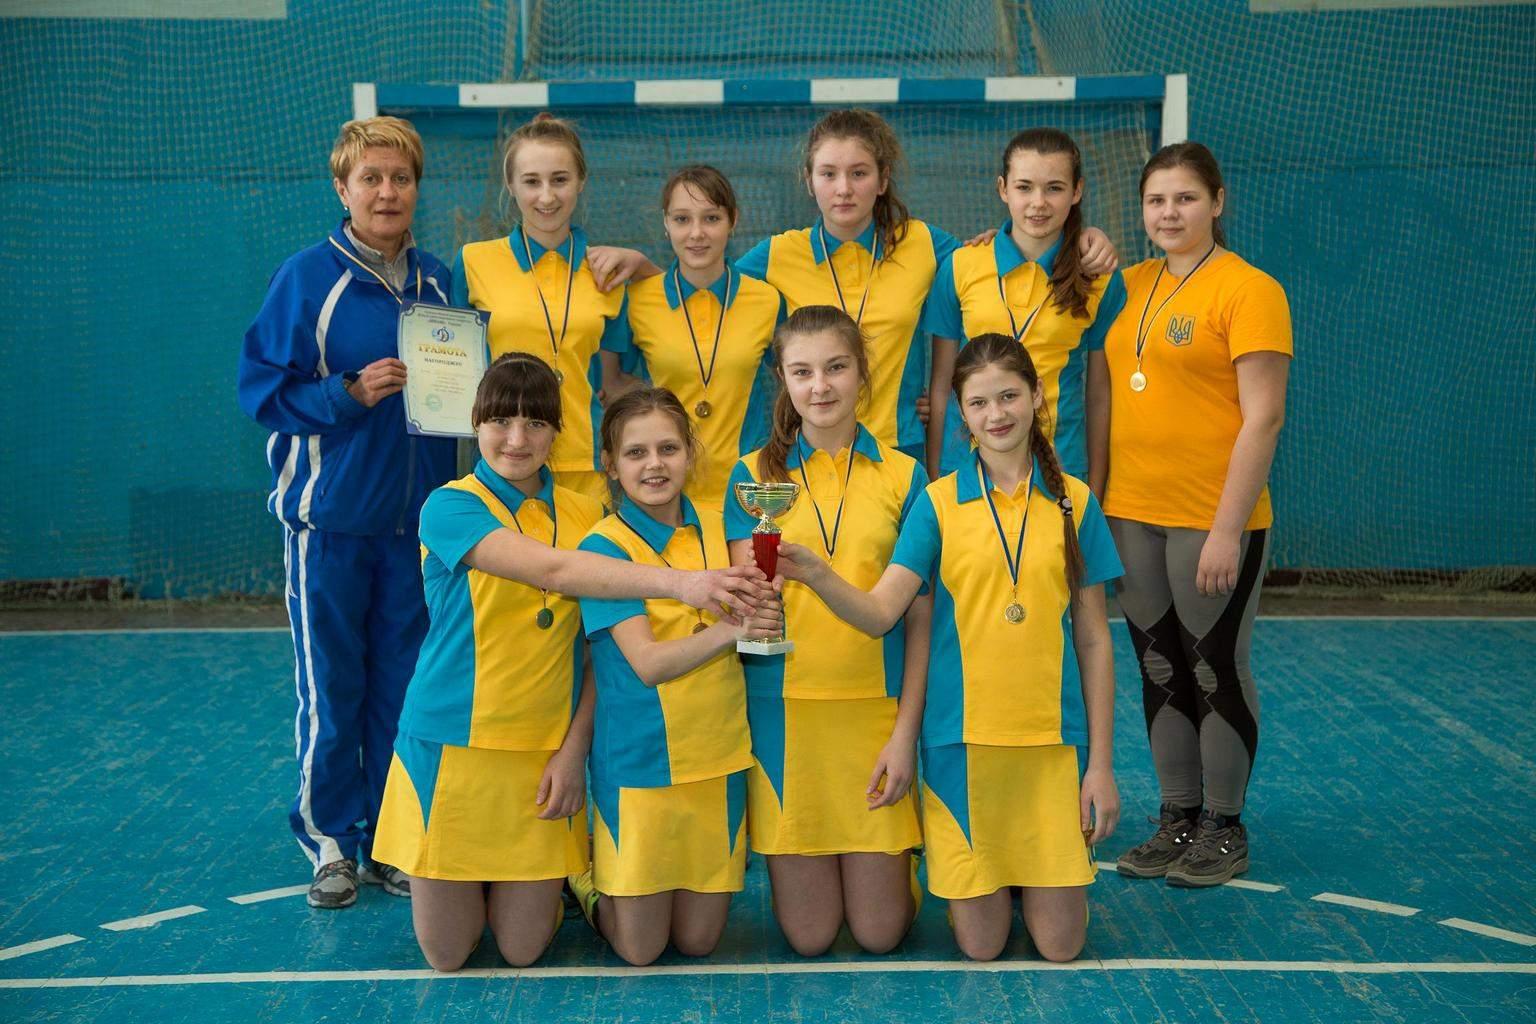 Чемпіонат України з хокею на траві в приміщеннях серед дівчат 2002-2003 р.н. м. Суми